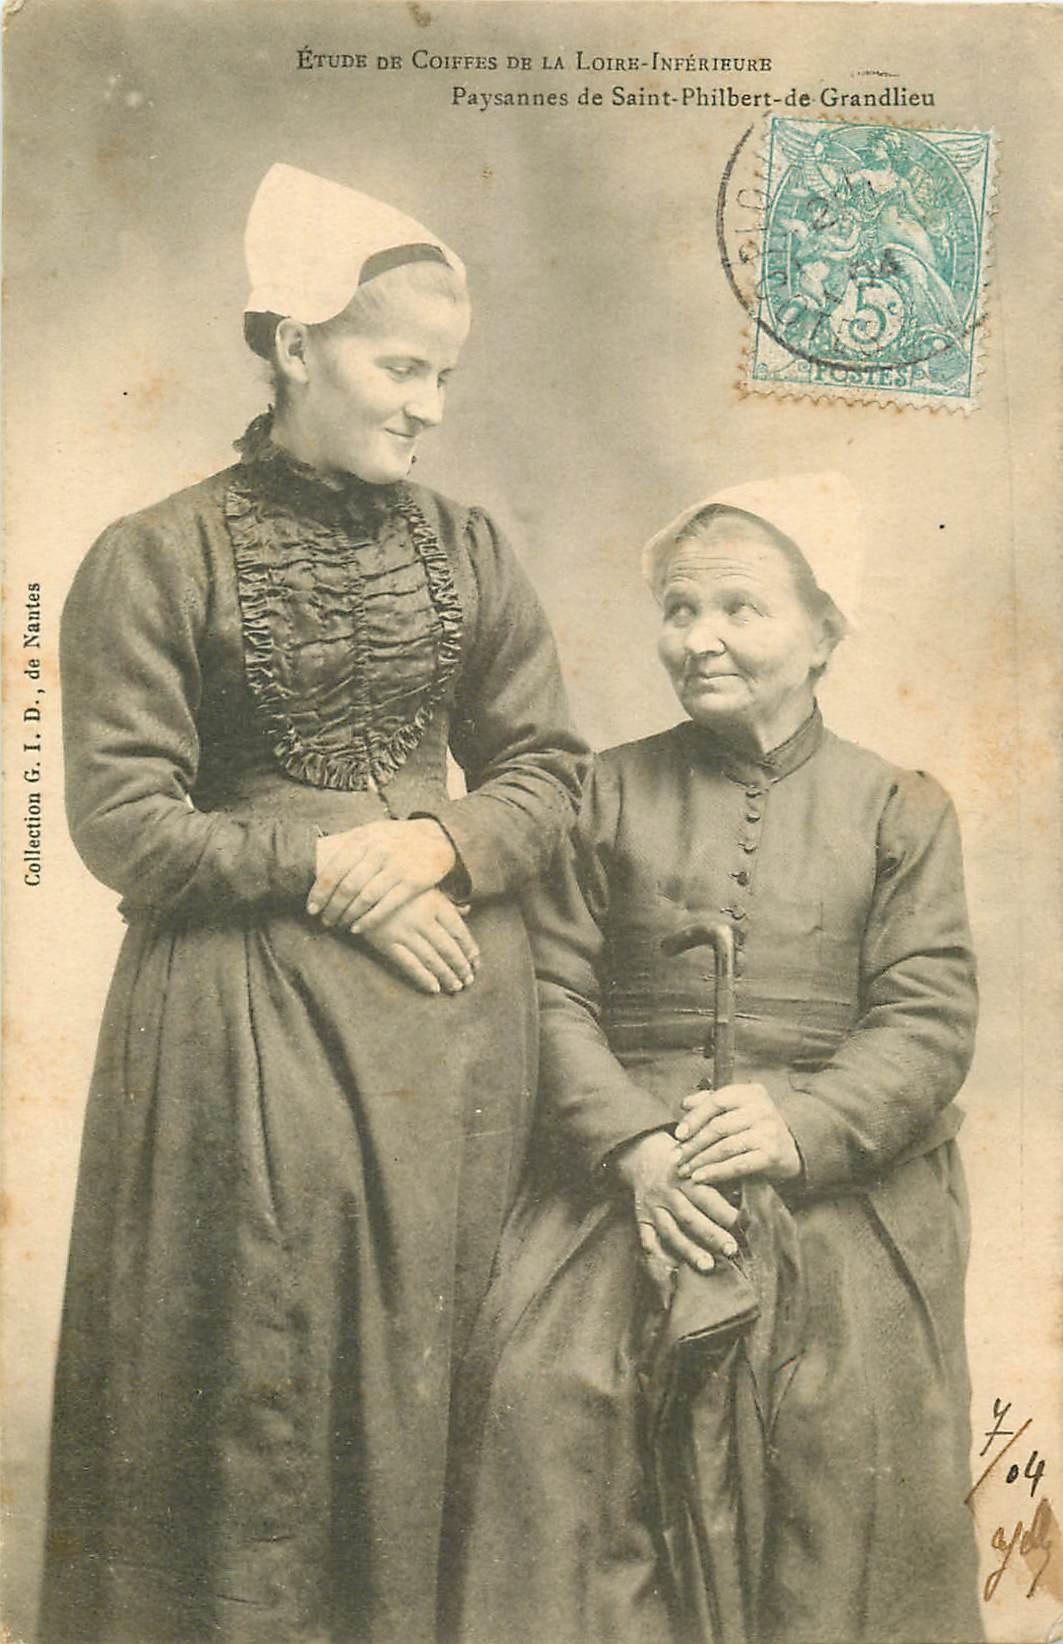 WW PAYS DE LOIRE. Paysannes de Saint-Philbert-de-Grandlieu 1904 étude de Coiffes